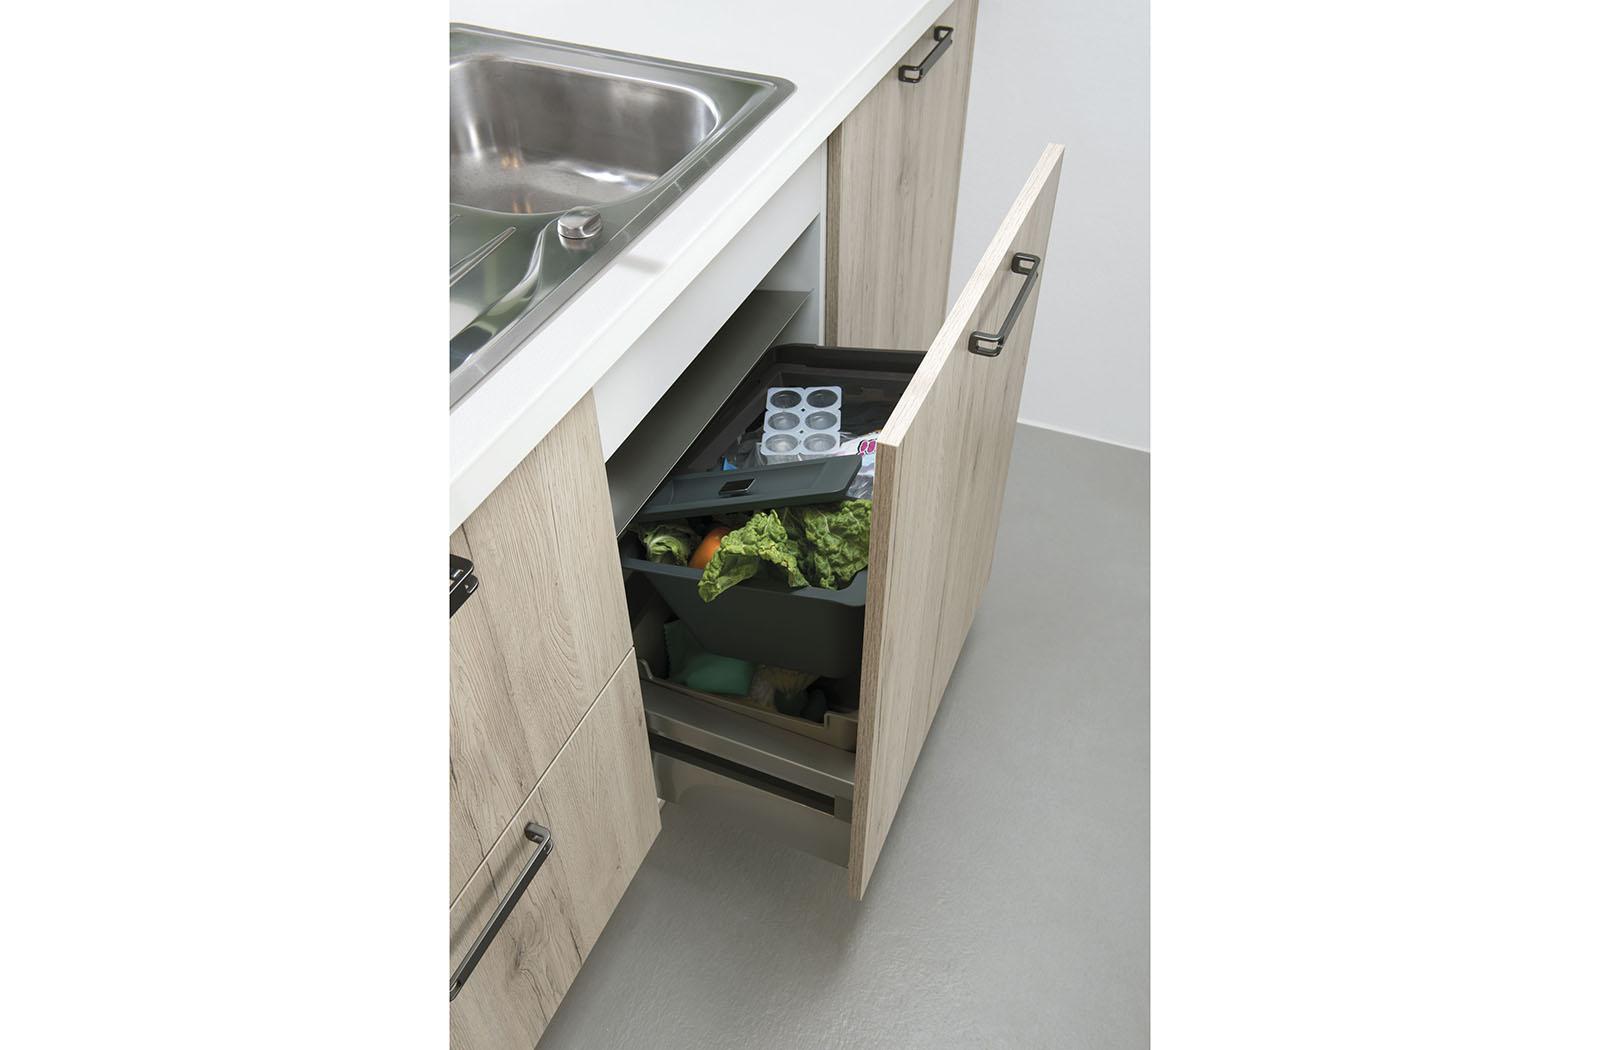 Meble kuchenne Bali - oferta SAS Wnętrza i Kuchnie - Meble Kuchenne i Projektowanie wnętrz.